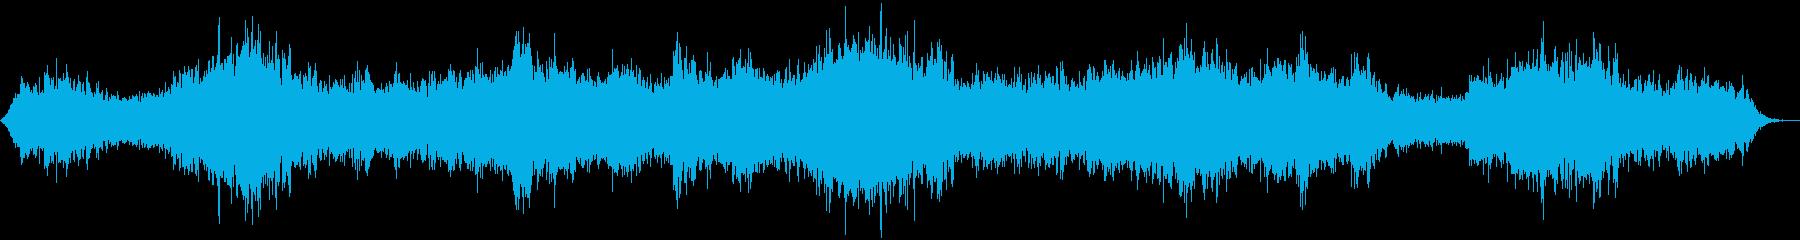 ホラーシーン01の再生済みの波形